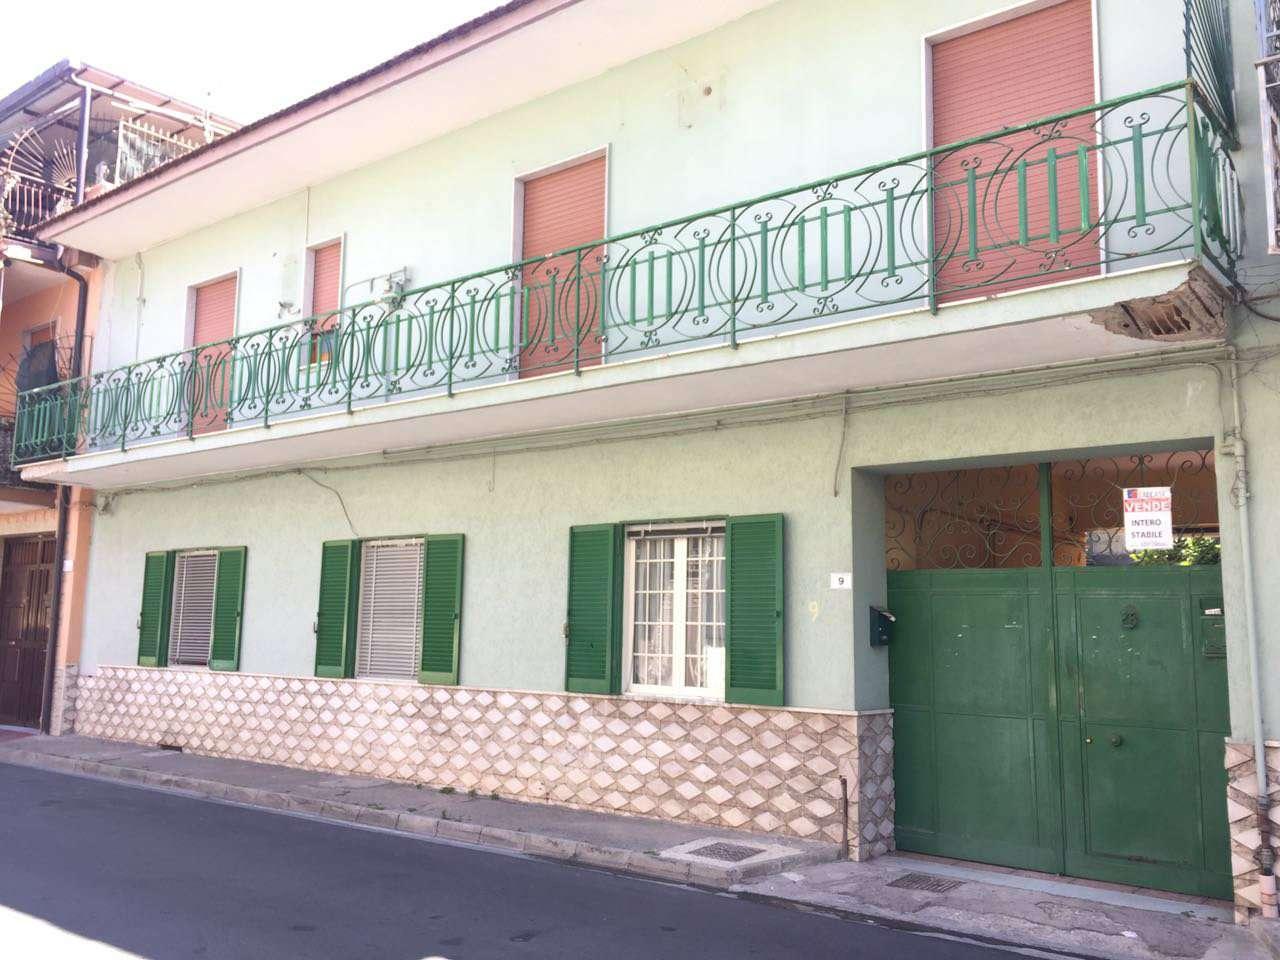 Palazzo / Stabile in vendita a Crispano, 10 locali, prezzo € 345.000 | CambioCasa.it